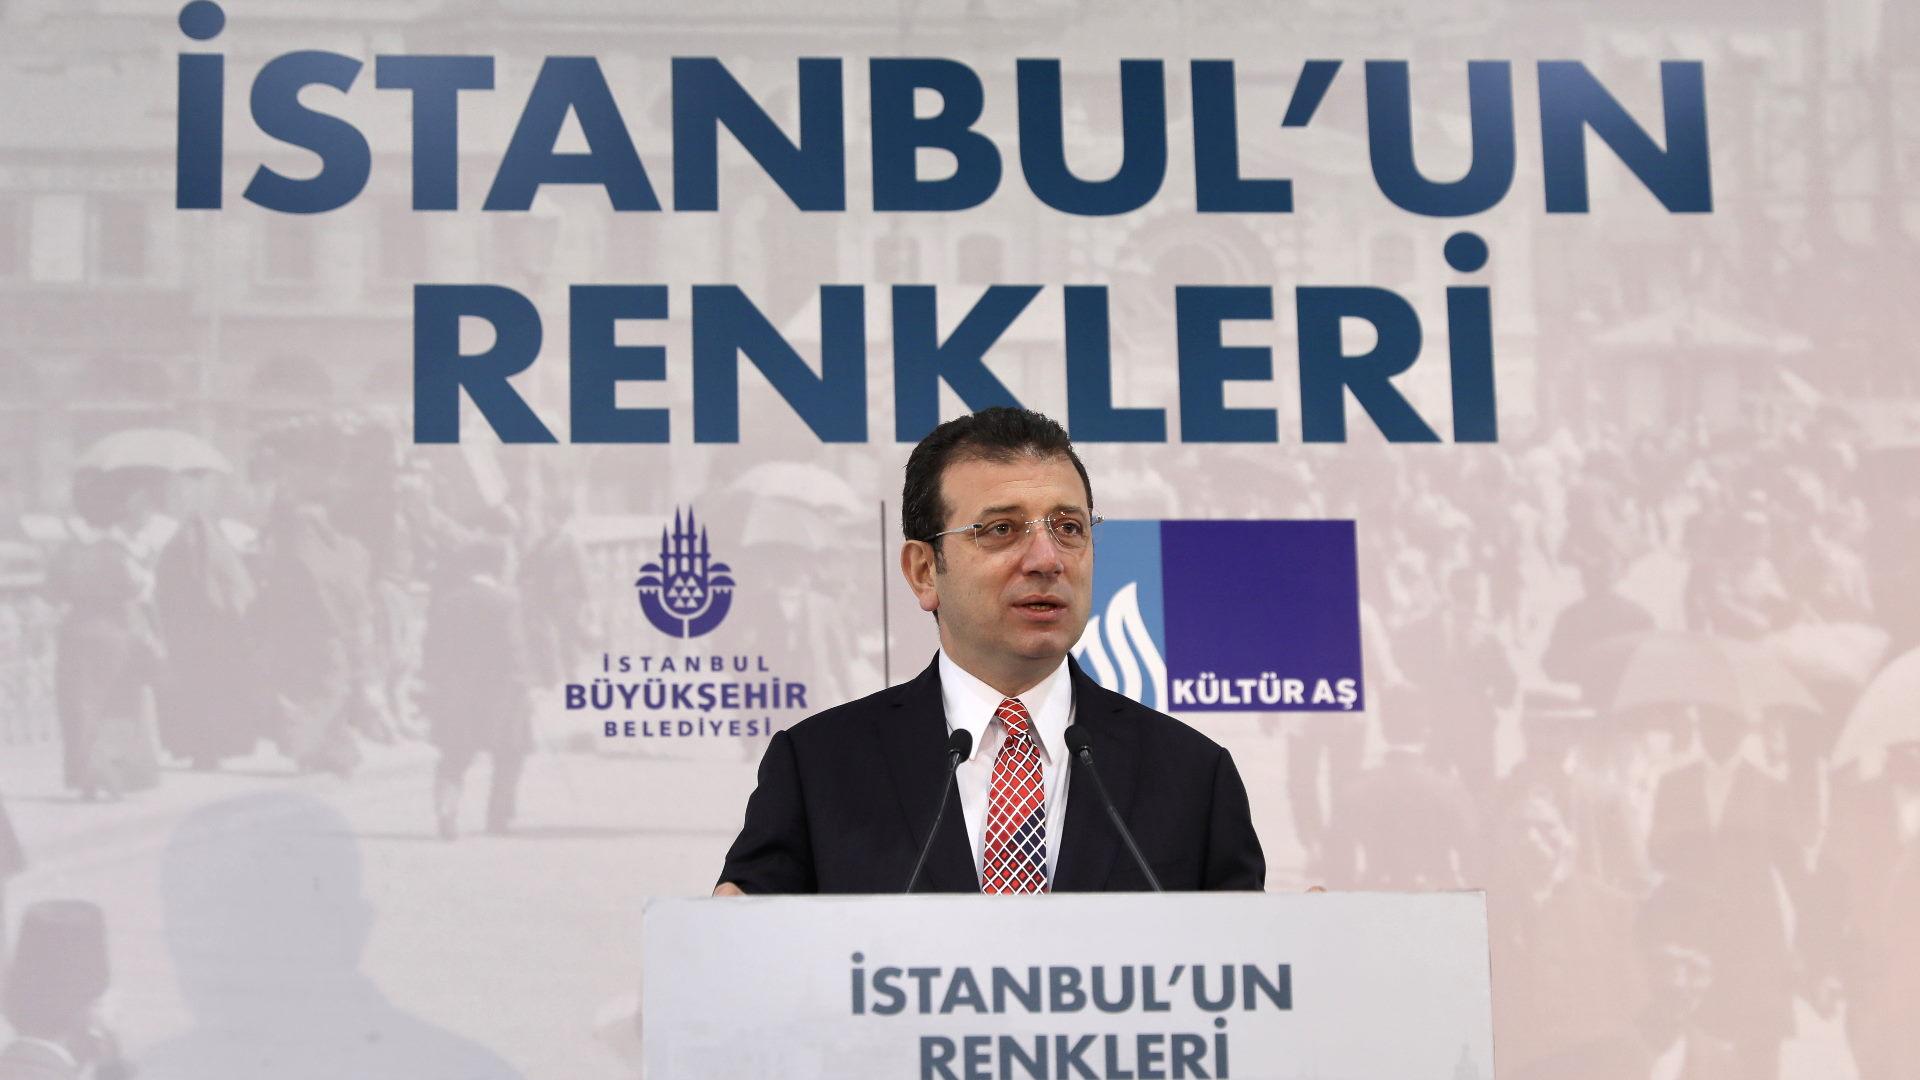 """İmamoğlu: """"İstanbul'un Renkleri"""" bütün duyguları bir araya getiriyor"""